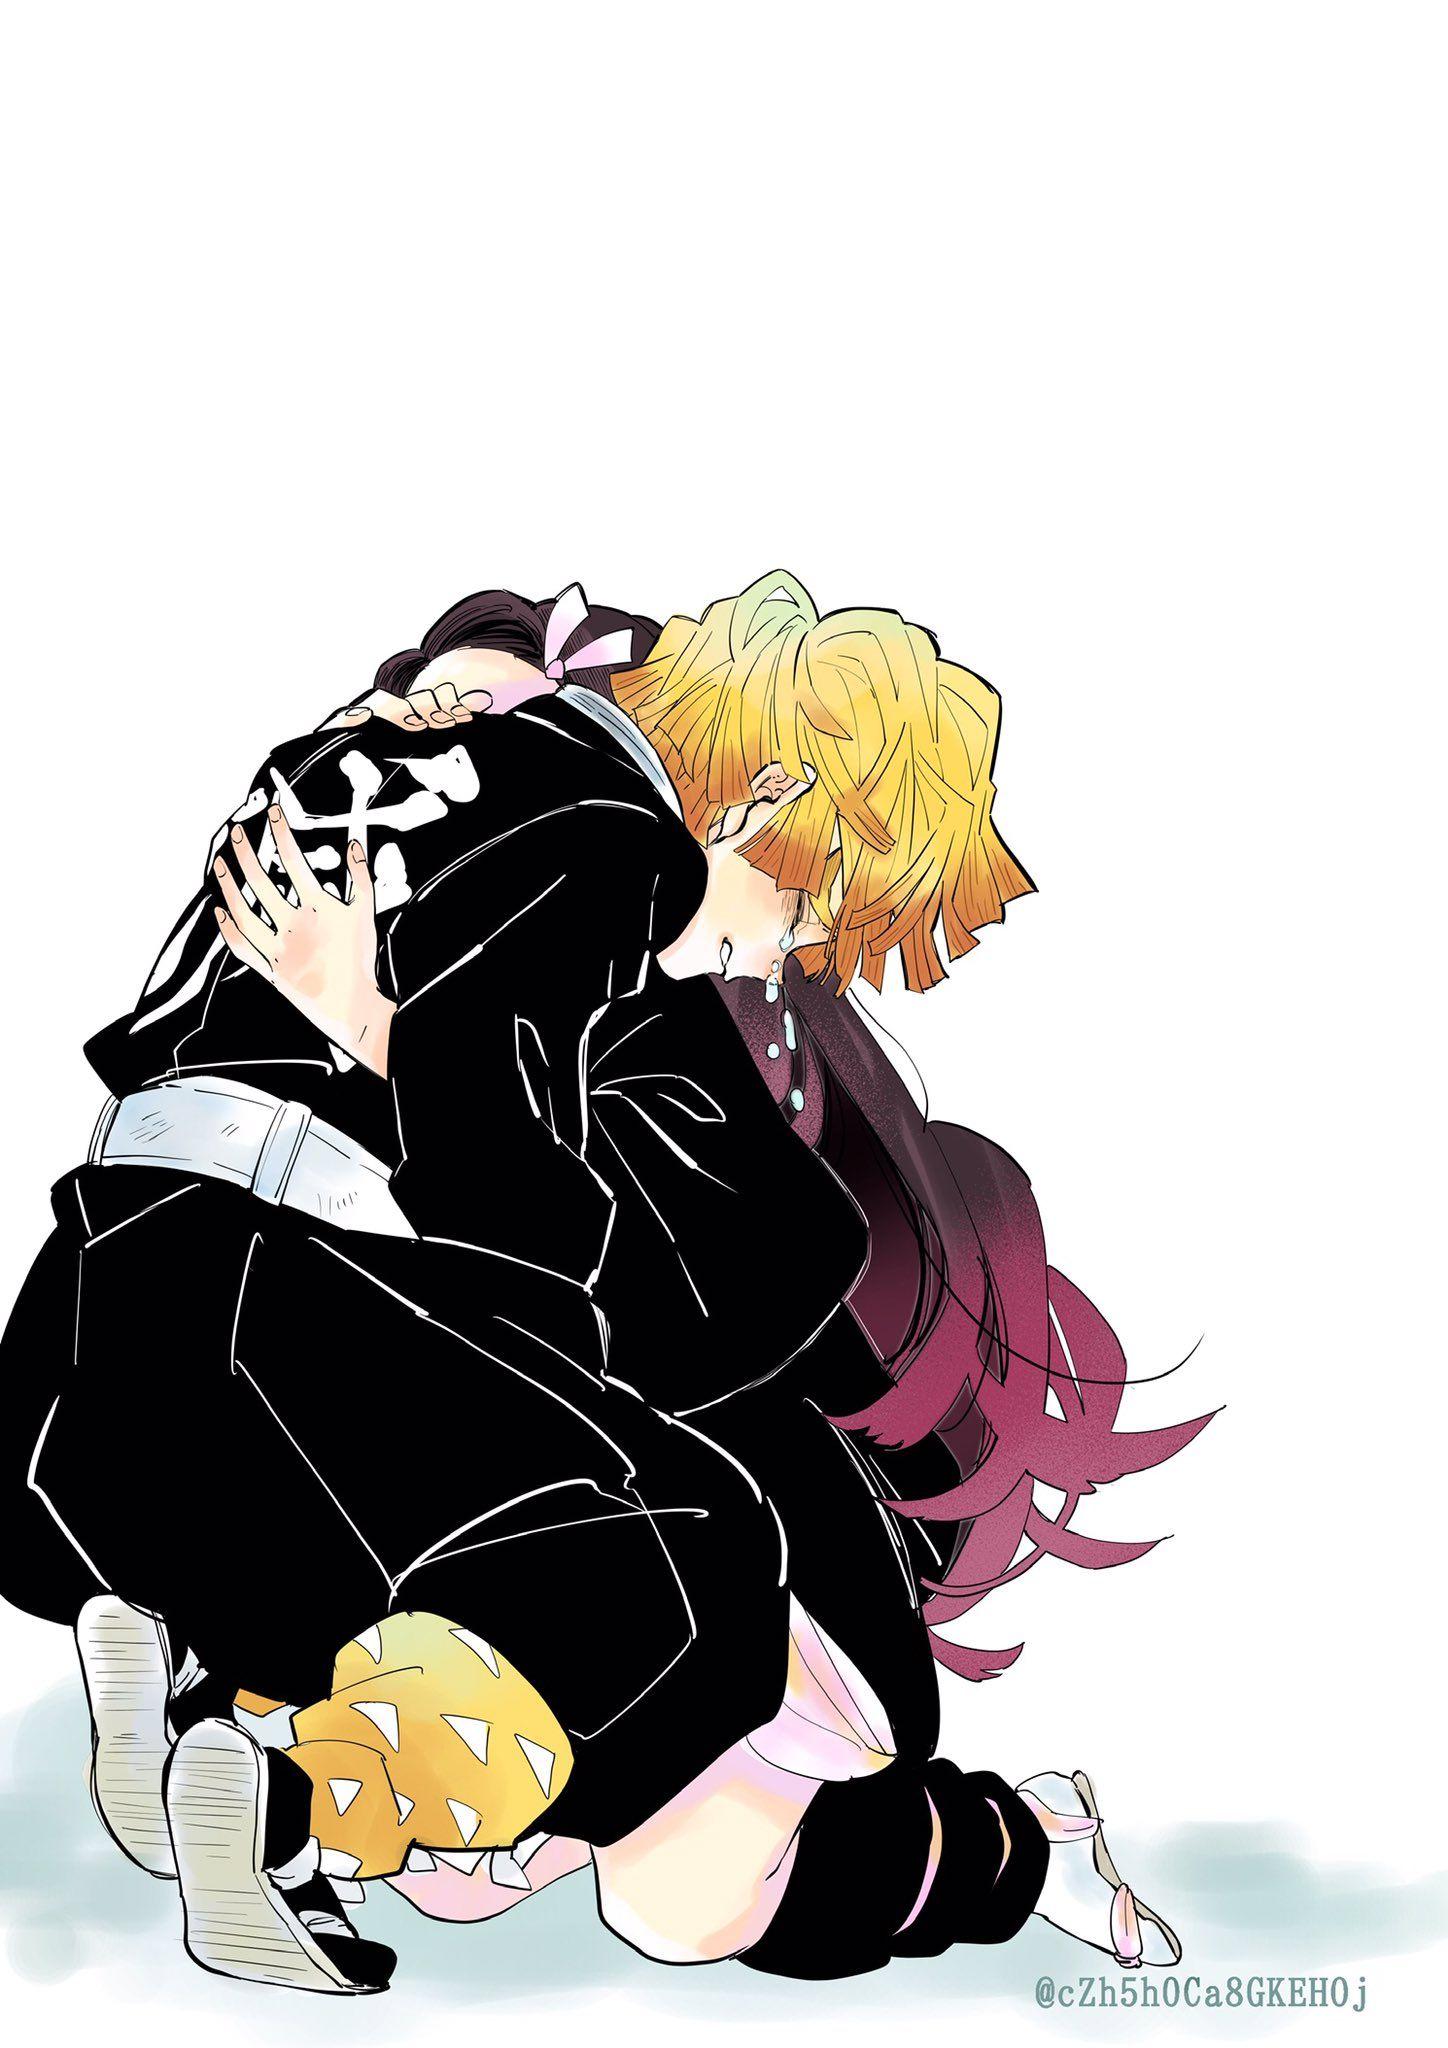 🥕こむぎ🐇 on Twitter in 2020 Kawaii anime, Slayer anime, Anime